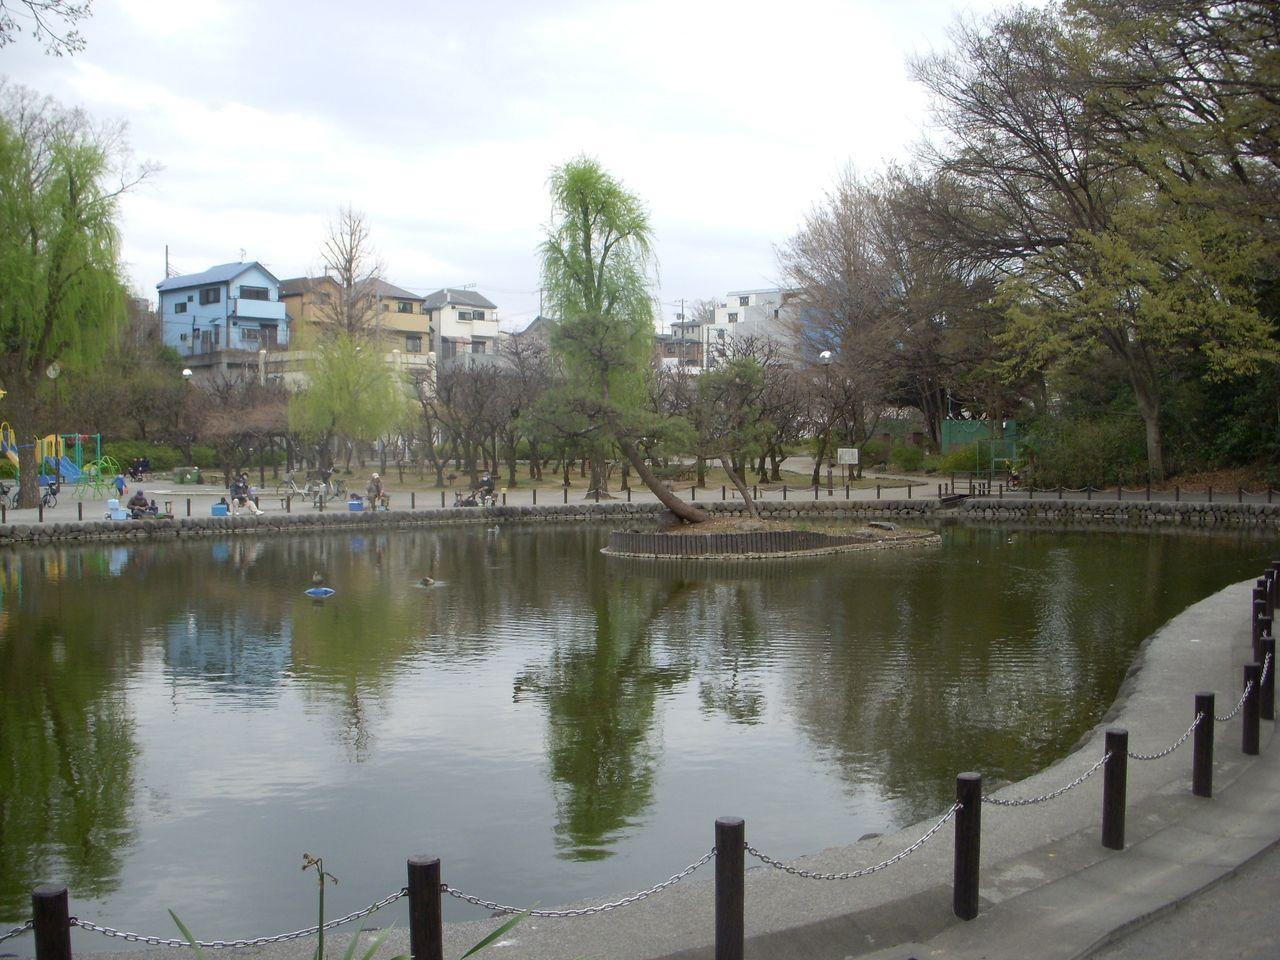 板橋区赤塚にある「赤塚溜池公園」って知ってる?